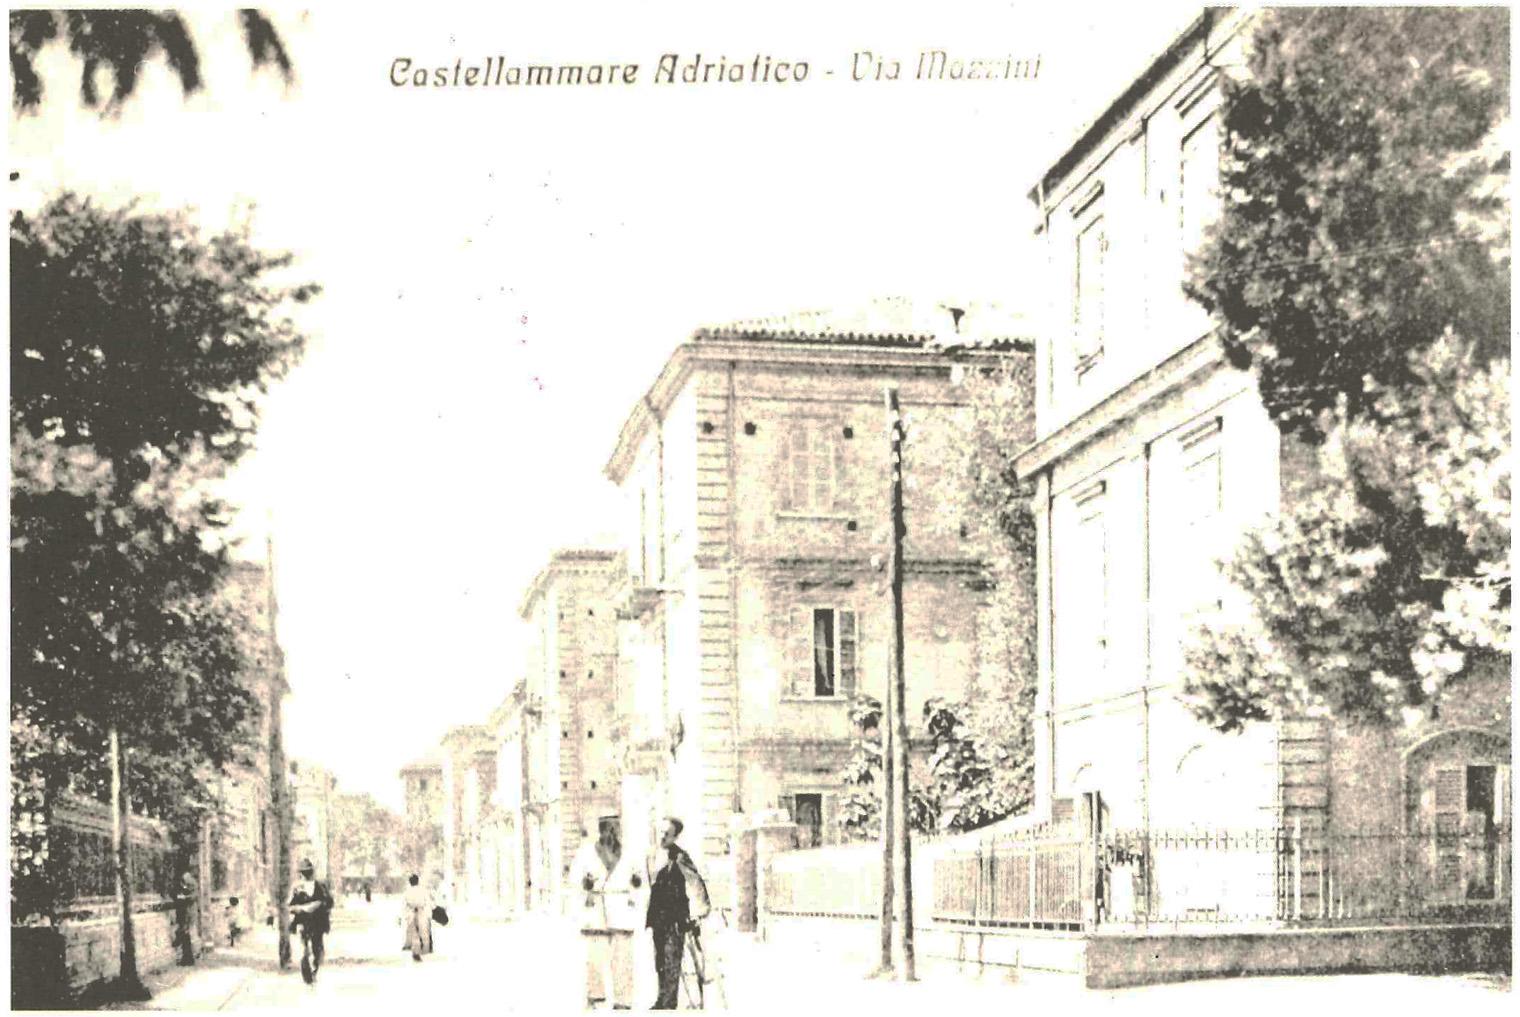 Castellammare Adriatico_Via Mazzini 1